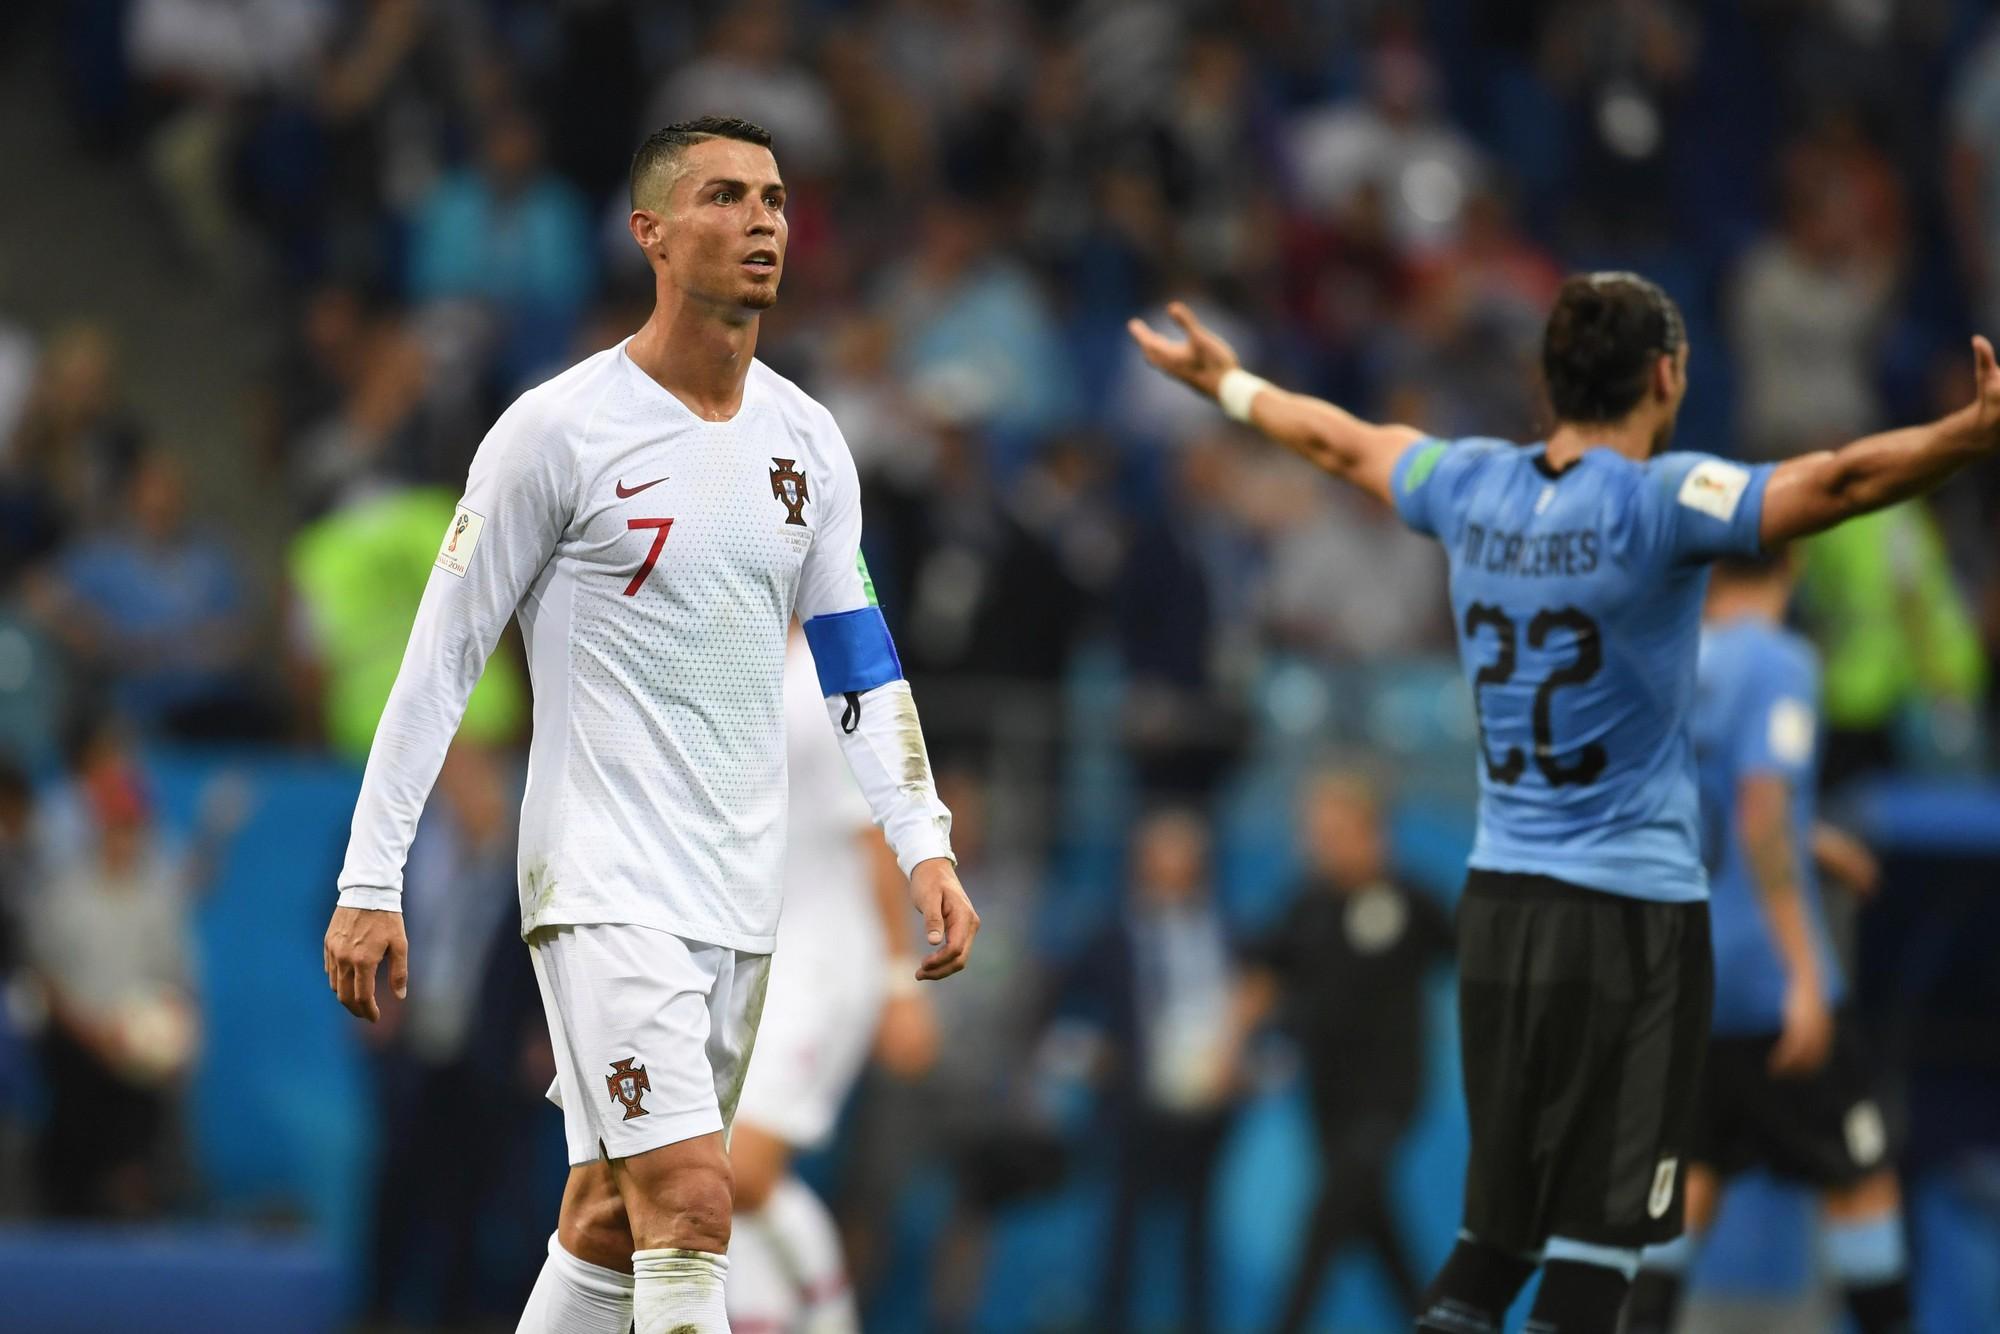 Tiết lộ vị trí của Ronaldo trong cuộc đua Quả bóng Vàng 2018 - Ảnh 7.